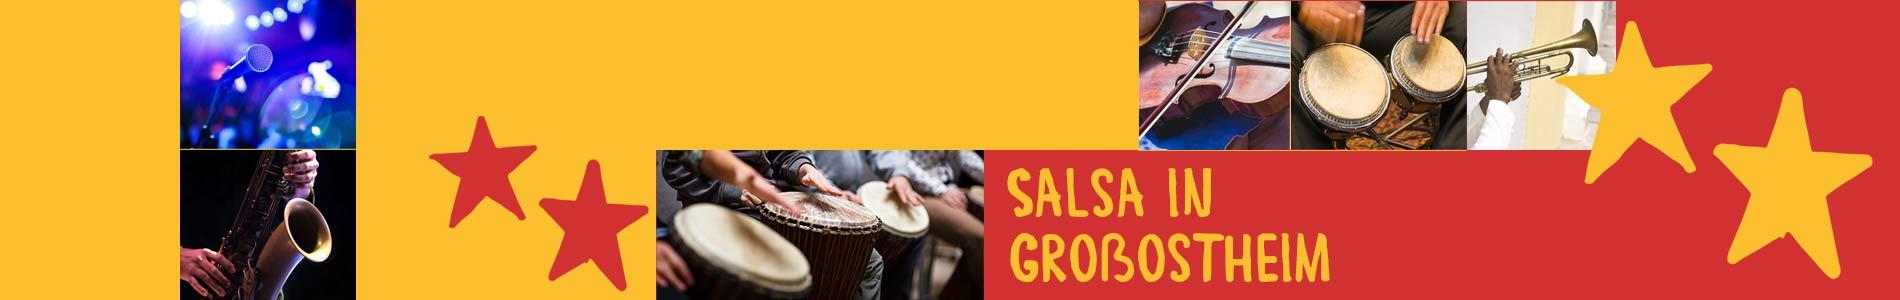 Salsa in Großostheim – Salsa lernen und tanzen, Tanzkurse, Partys, Veranstaltungen